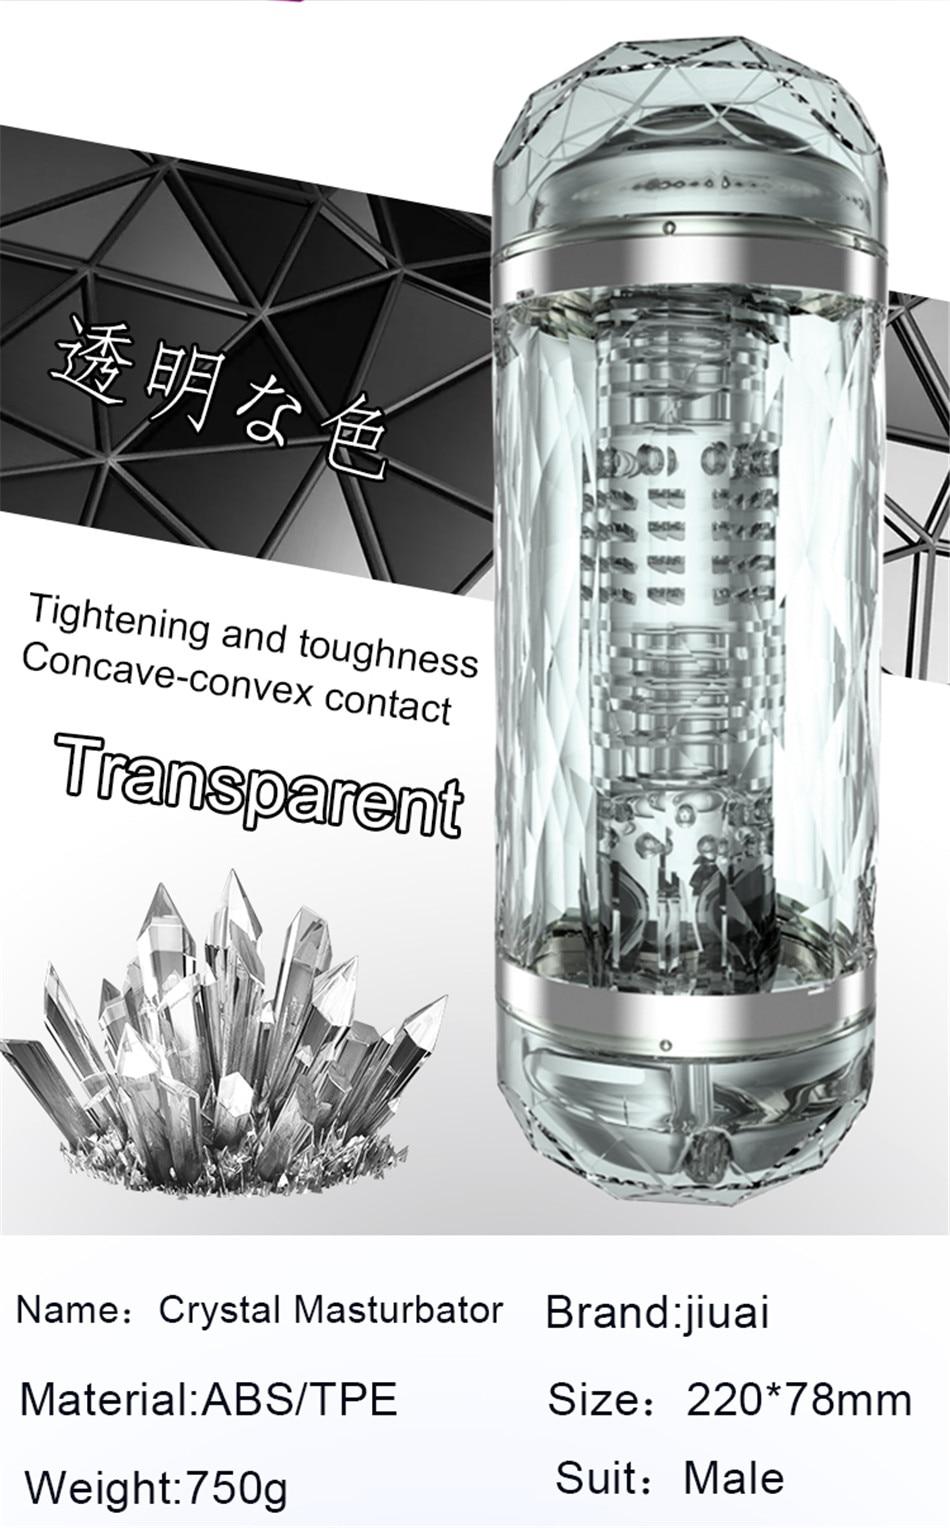 水晶 杯 · 1- 恢复 的 _11